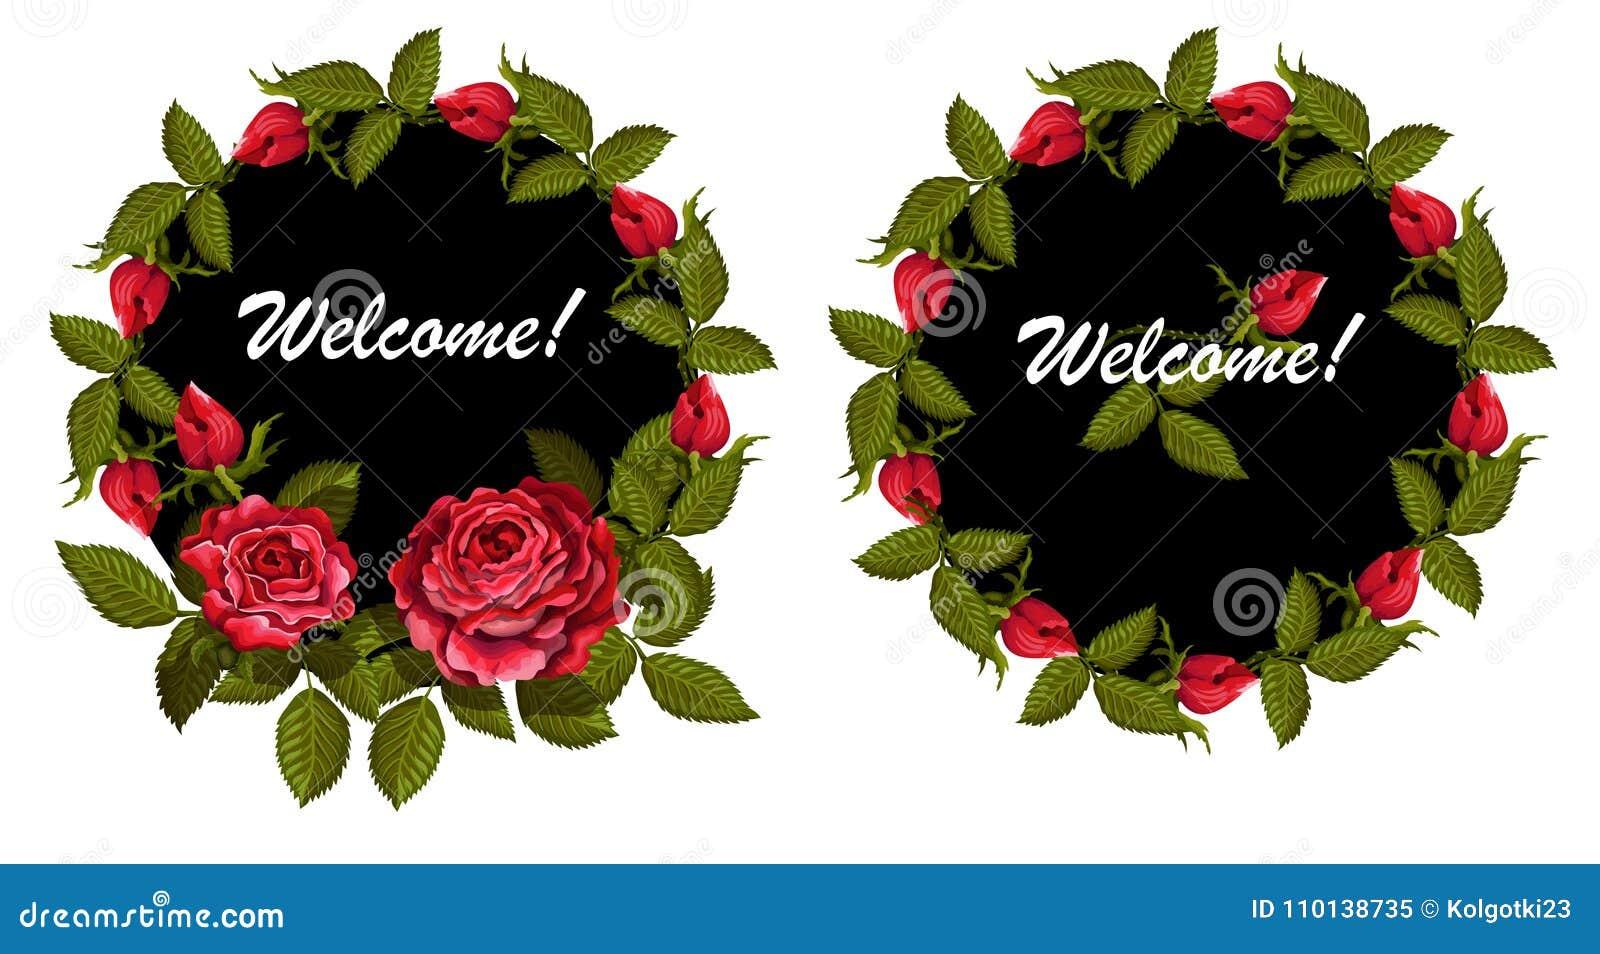 Invitacion Bajo La Forma De Circulo Con Un Diseno De Rosas Y De - Diseos-de-rosas